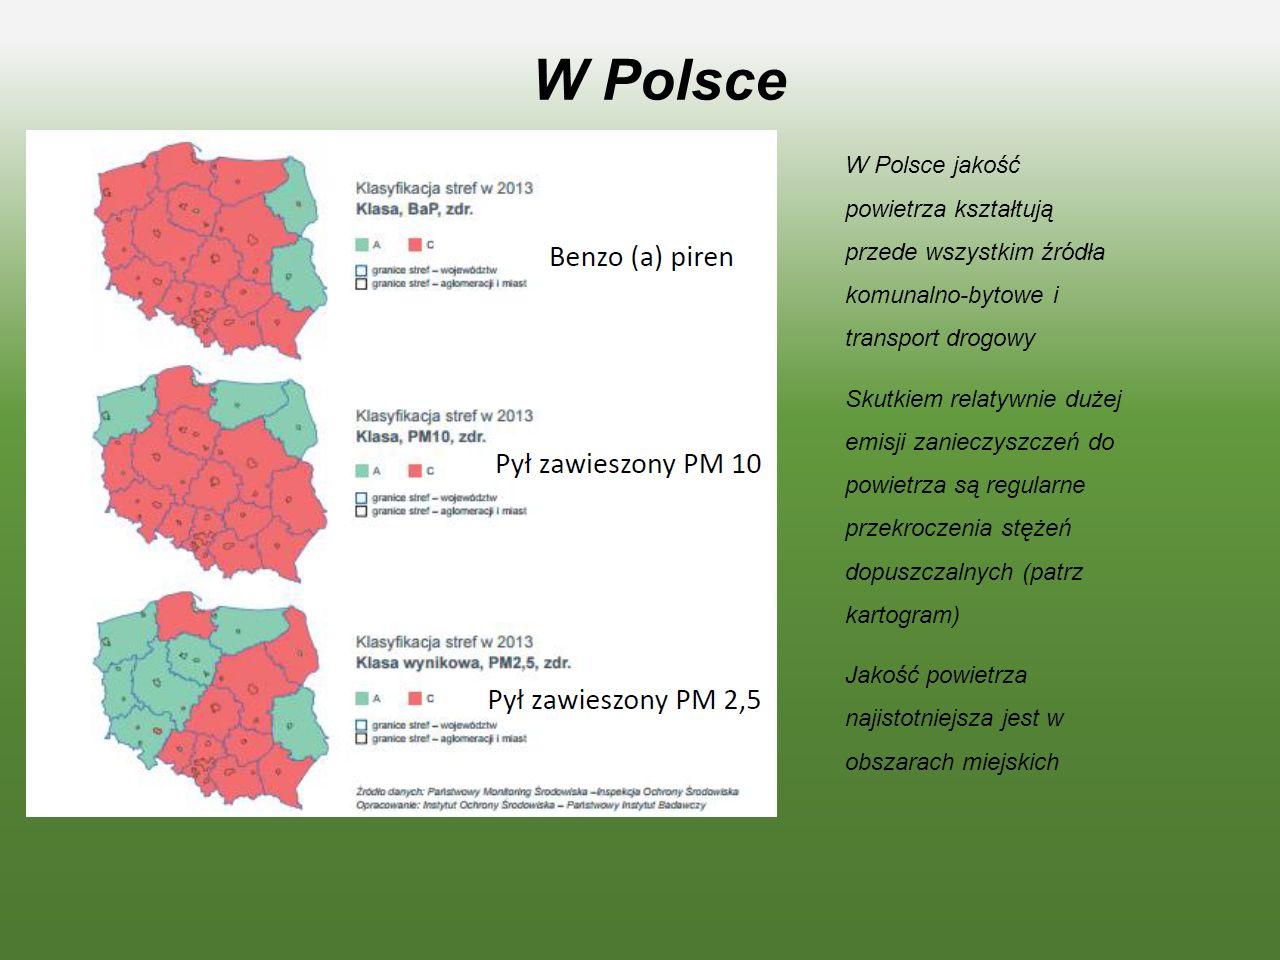 W Polsce W Polsce jakość powietrza kształtują przede wszystkim źródła komunalno-bytowe i transport drogowy Skutkiem relatywnie dużej emisji zanieczyszczeń do powietrza są regularne przekroczenia stężeń dopuszczalnych (patrz kartogram) Jakość powietrza najistotniejsza jest w obszarach miejskich